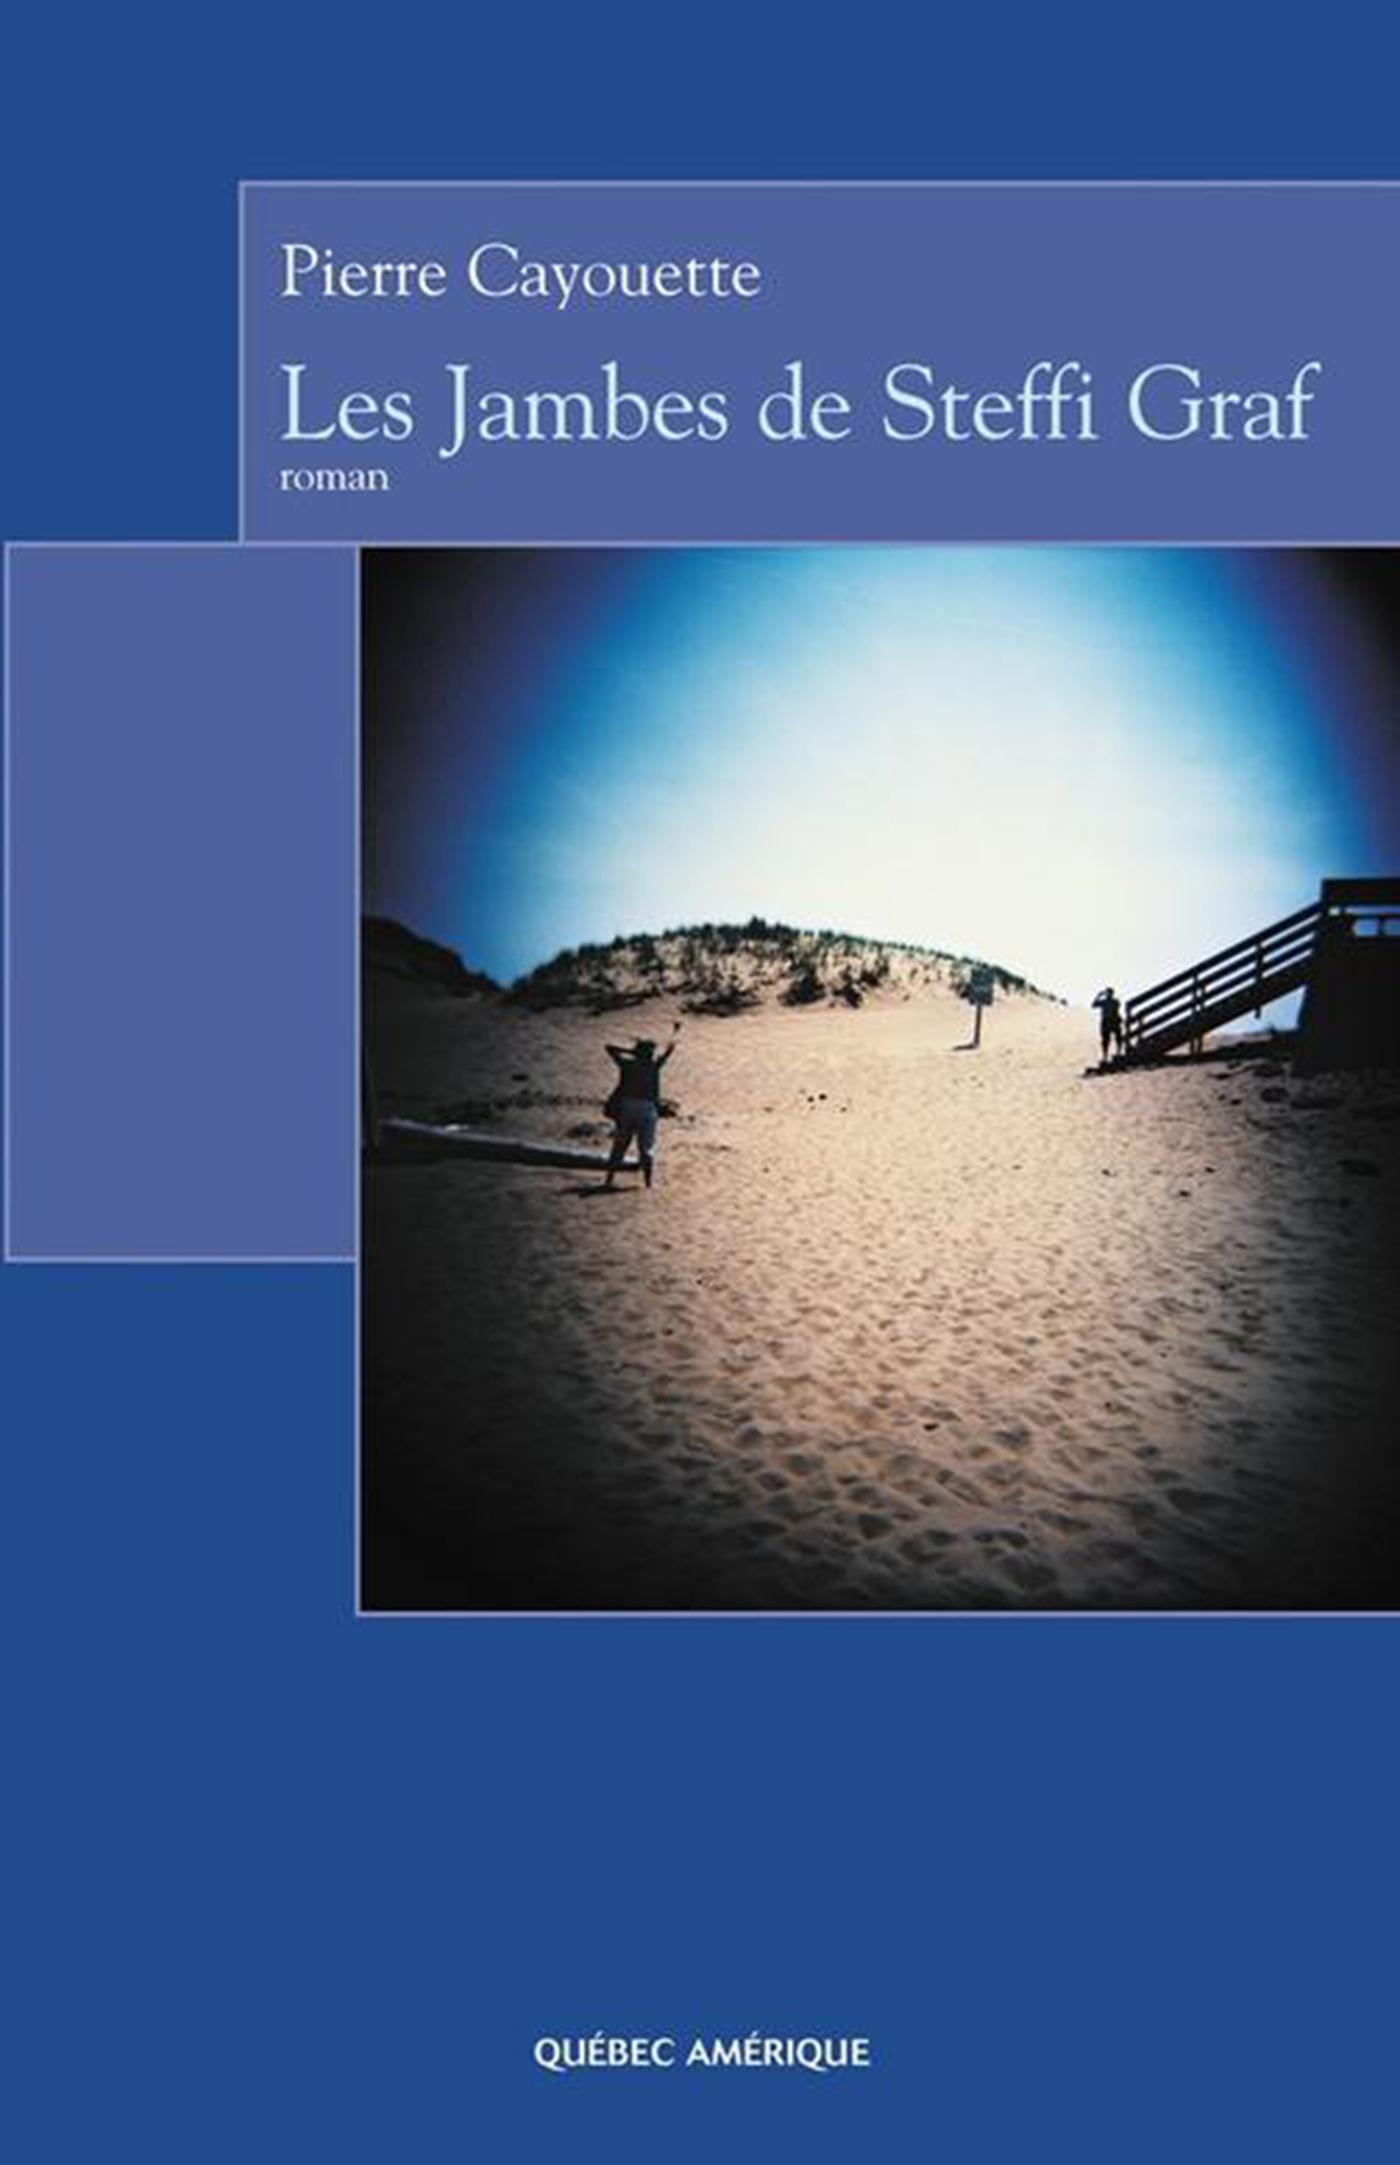 Les Jambes de Steffi Graf